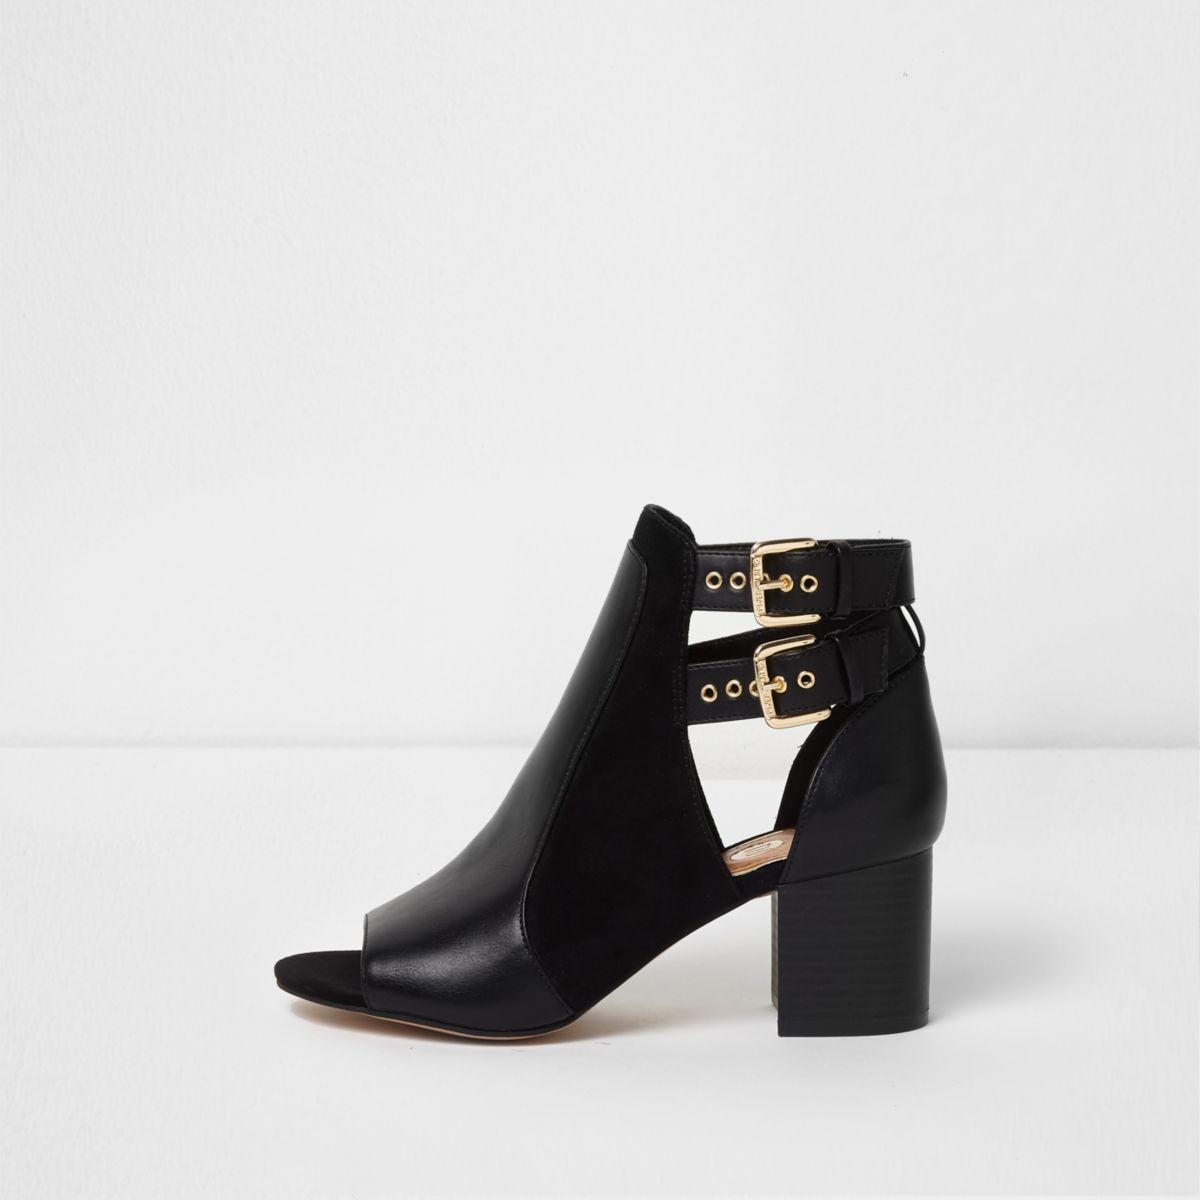 Schwarze Stiefel mit Peeptoe und Doppelschnalle